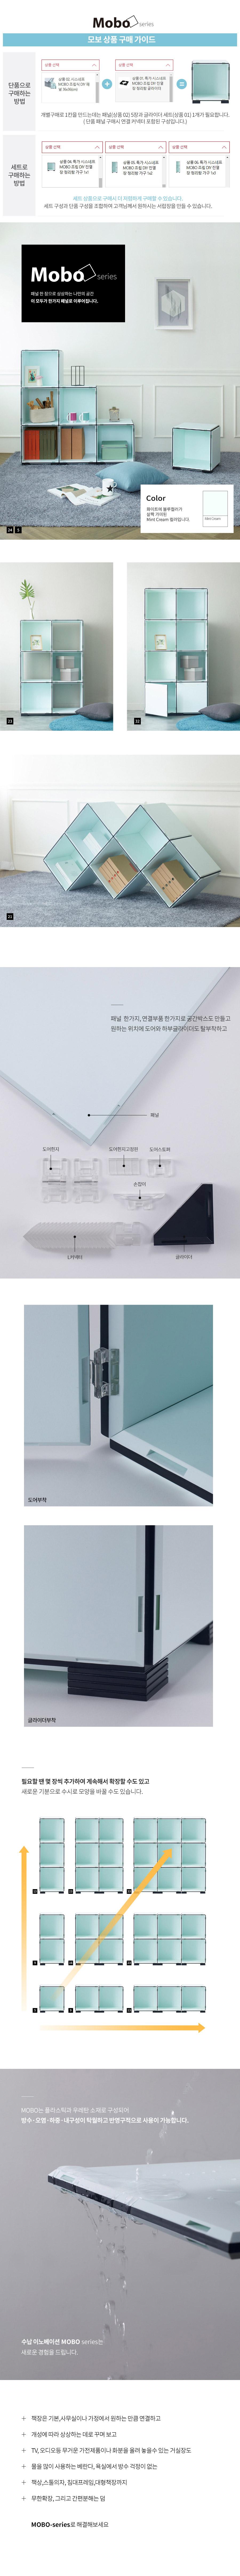 시스네프 MOBO 조립식 DIY 진열장 정리함 패널 36x36(cm) - 시스네프, 5,500원, DIY 수납장, DIY 수납장